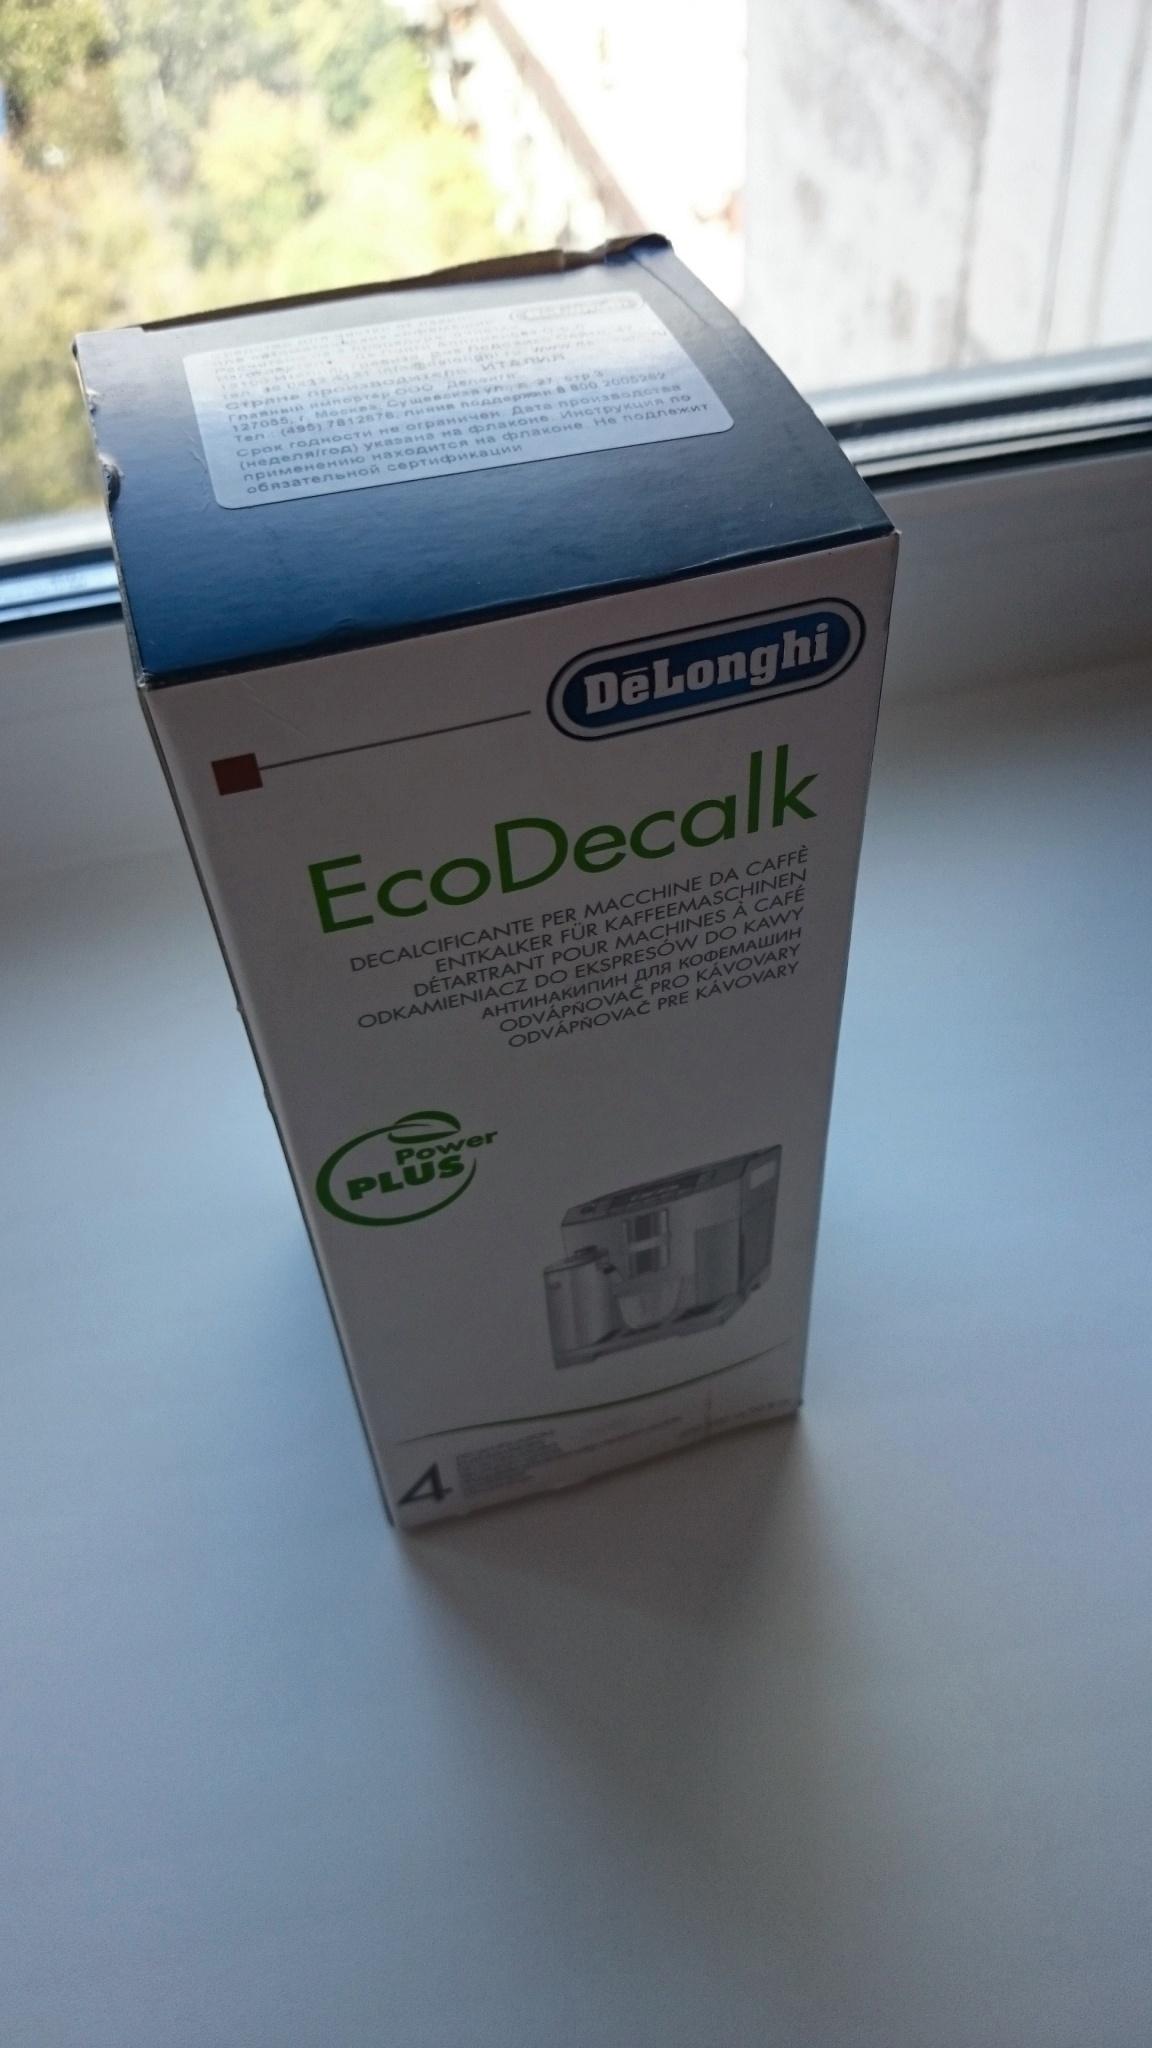 Средство для удаления накипи delonghi ecodecalk состав